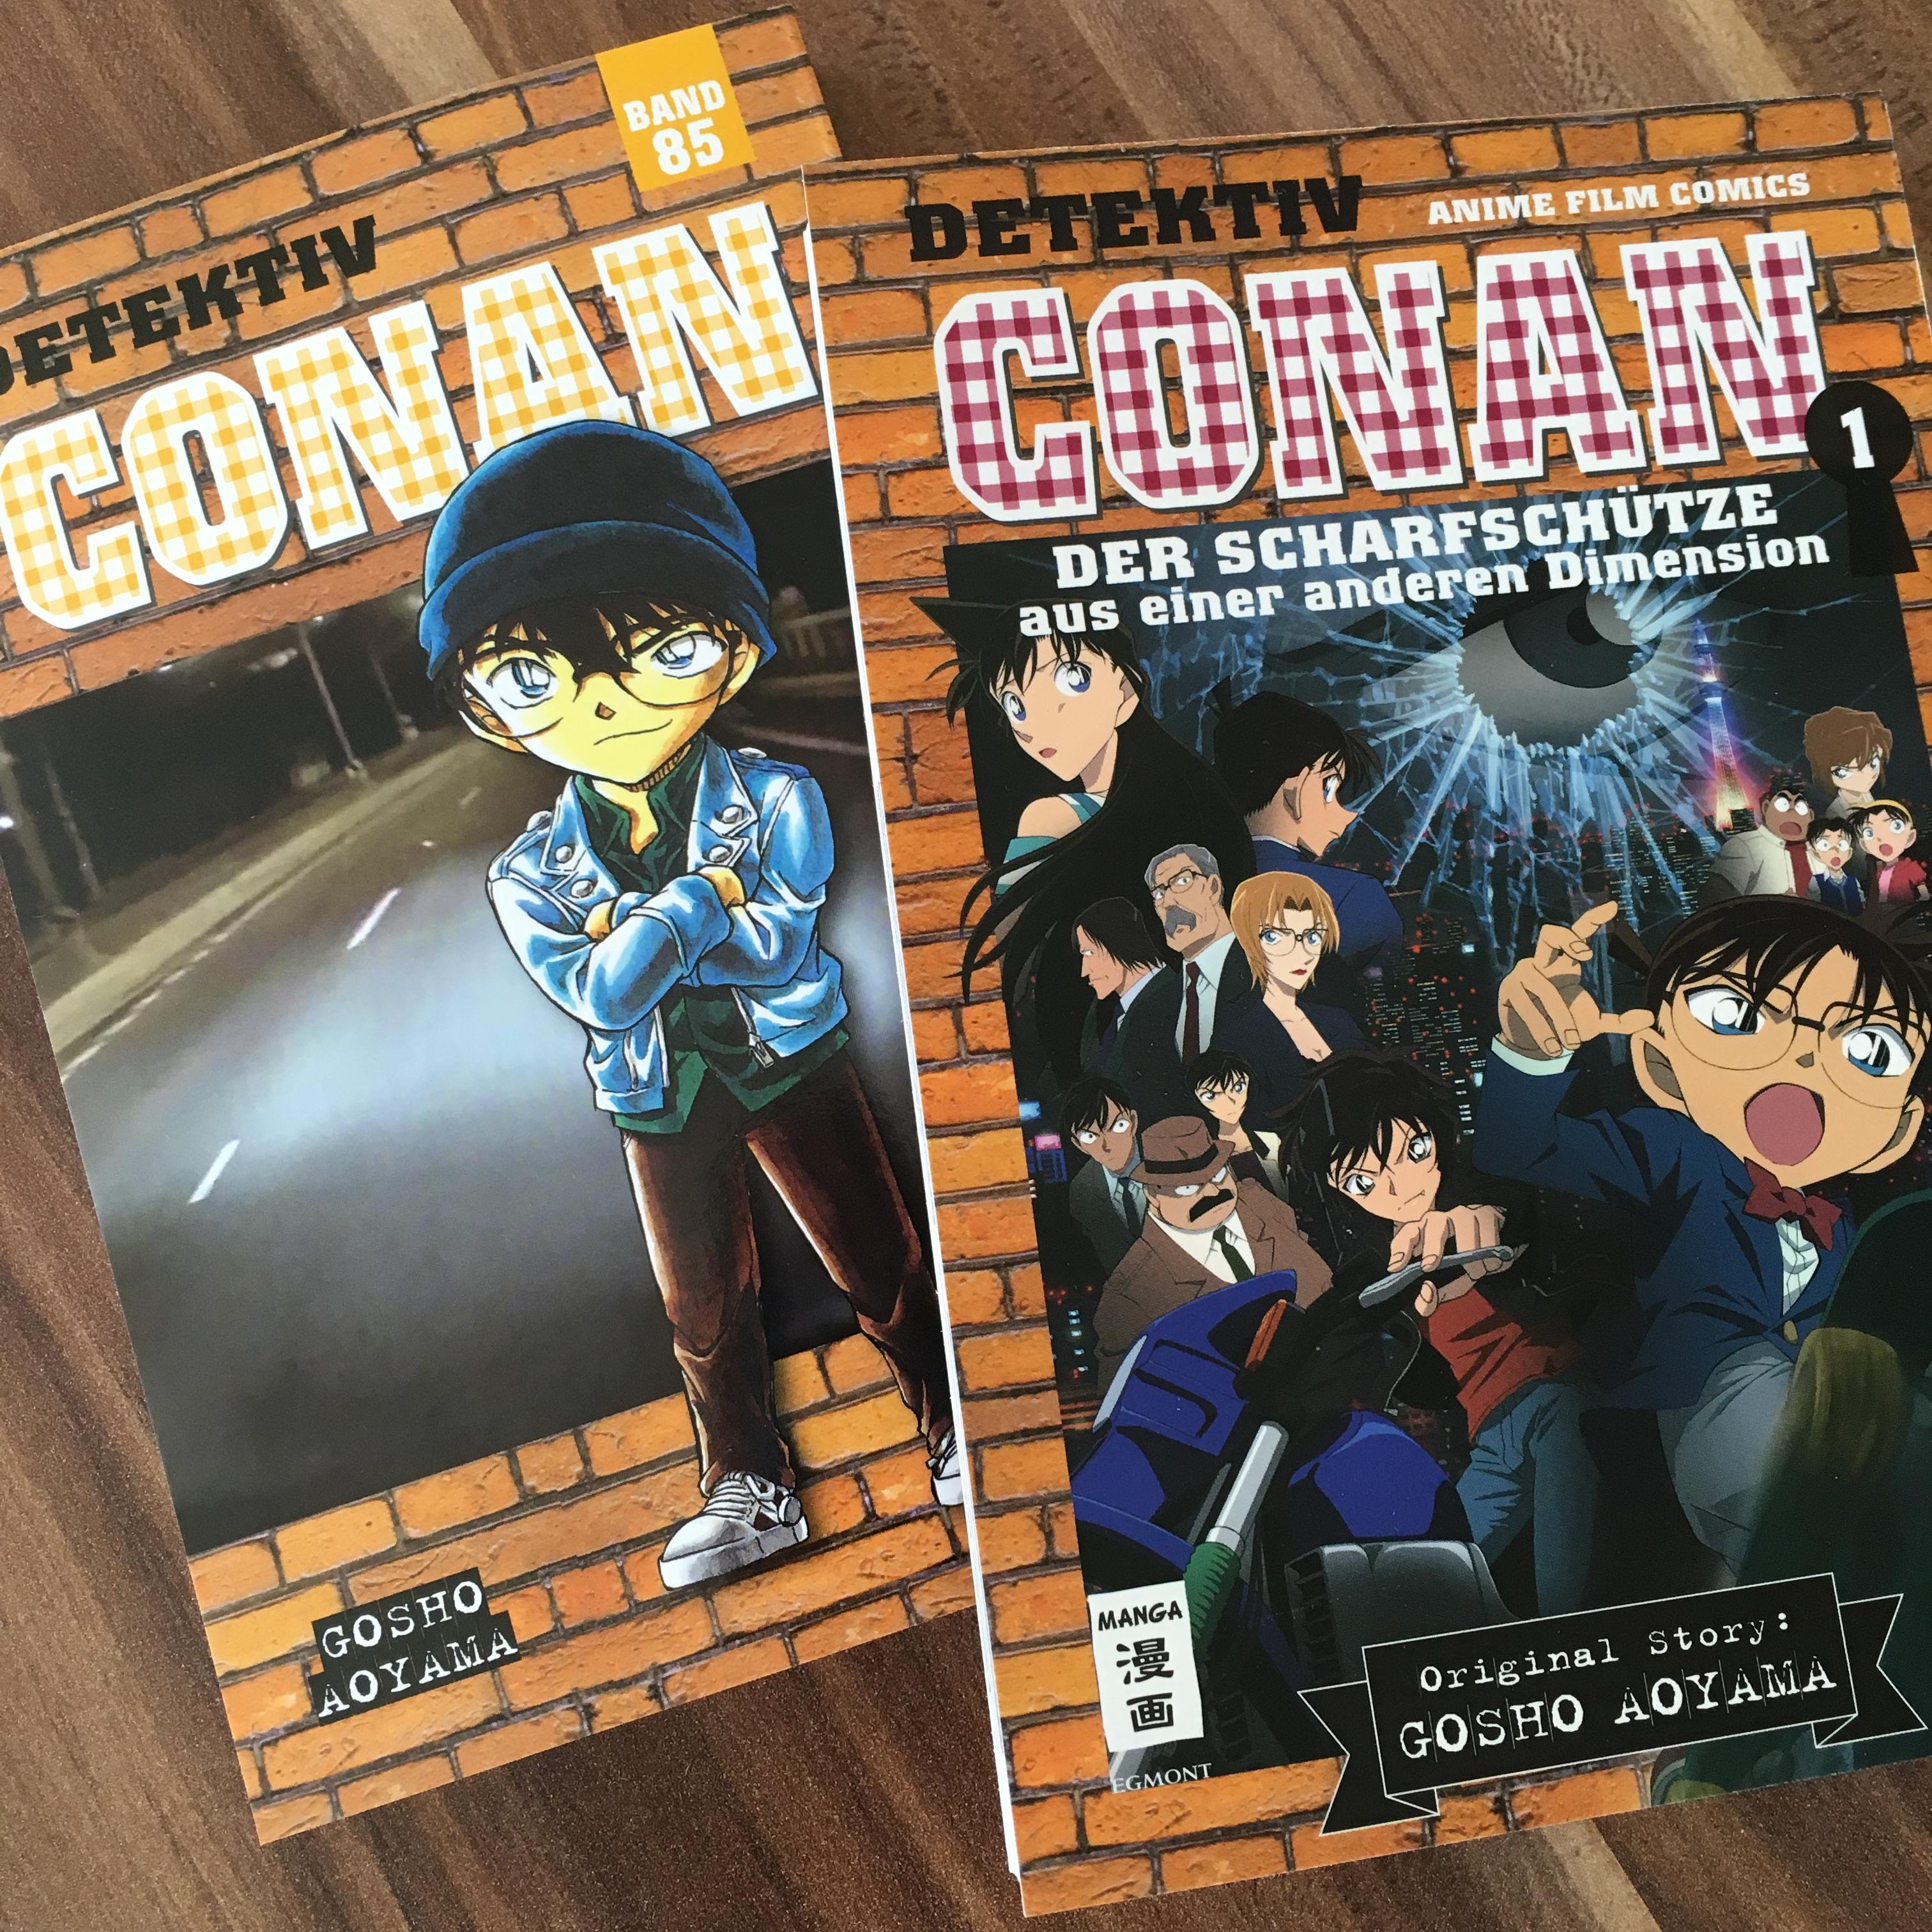 Detektiv Conan Band 85 Der Scharfschütze aus einer anderen Dimension 1